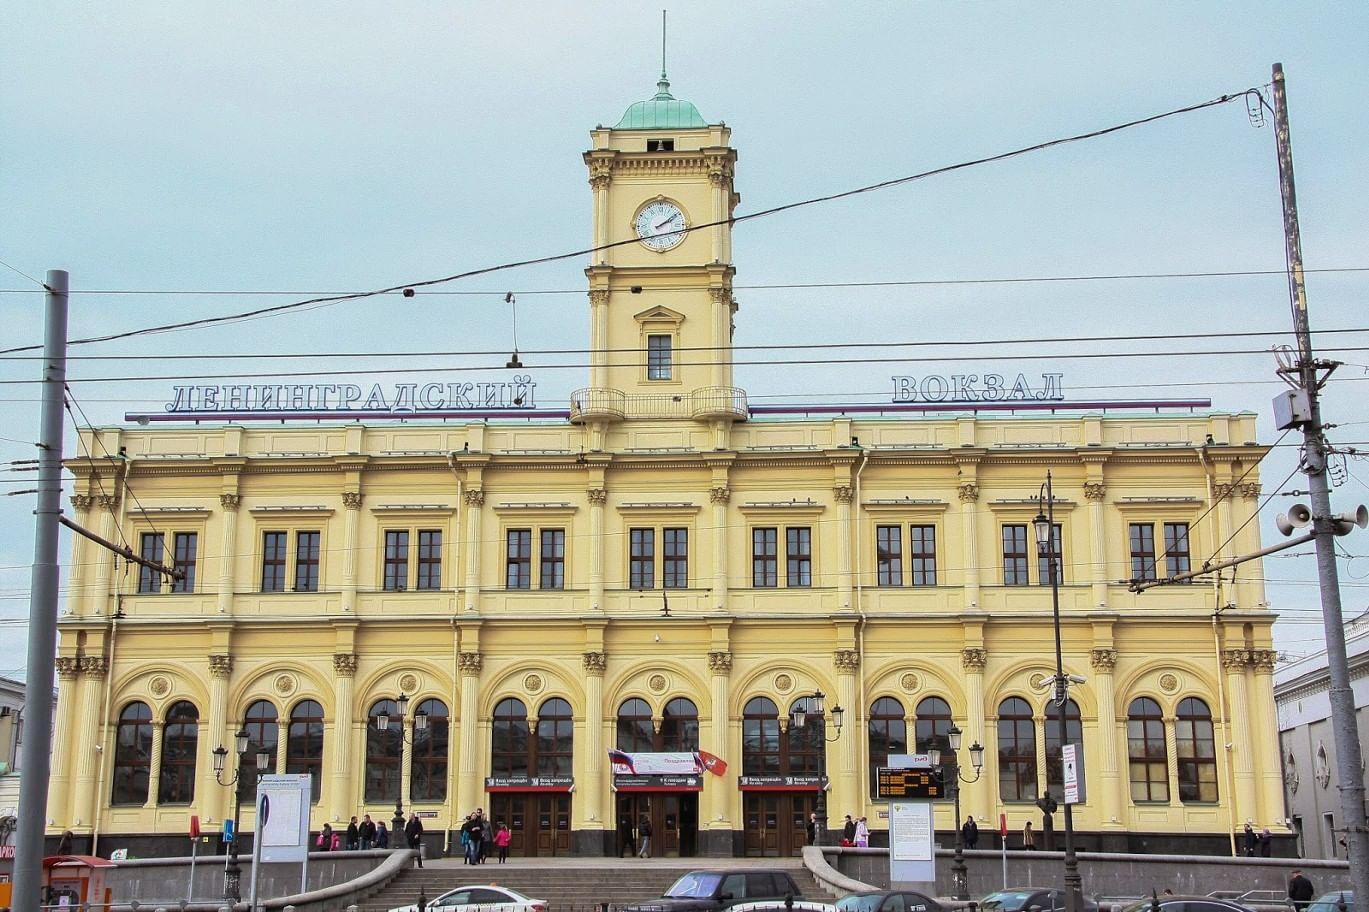 Ленинградский вокзал в Москве